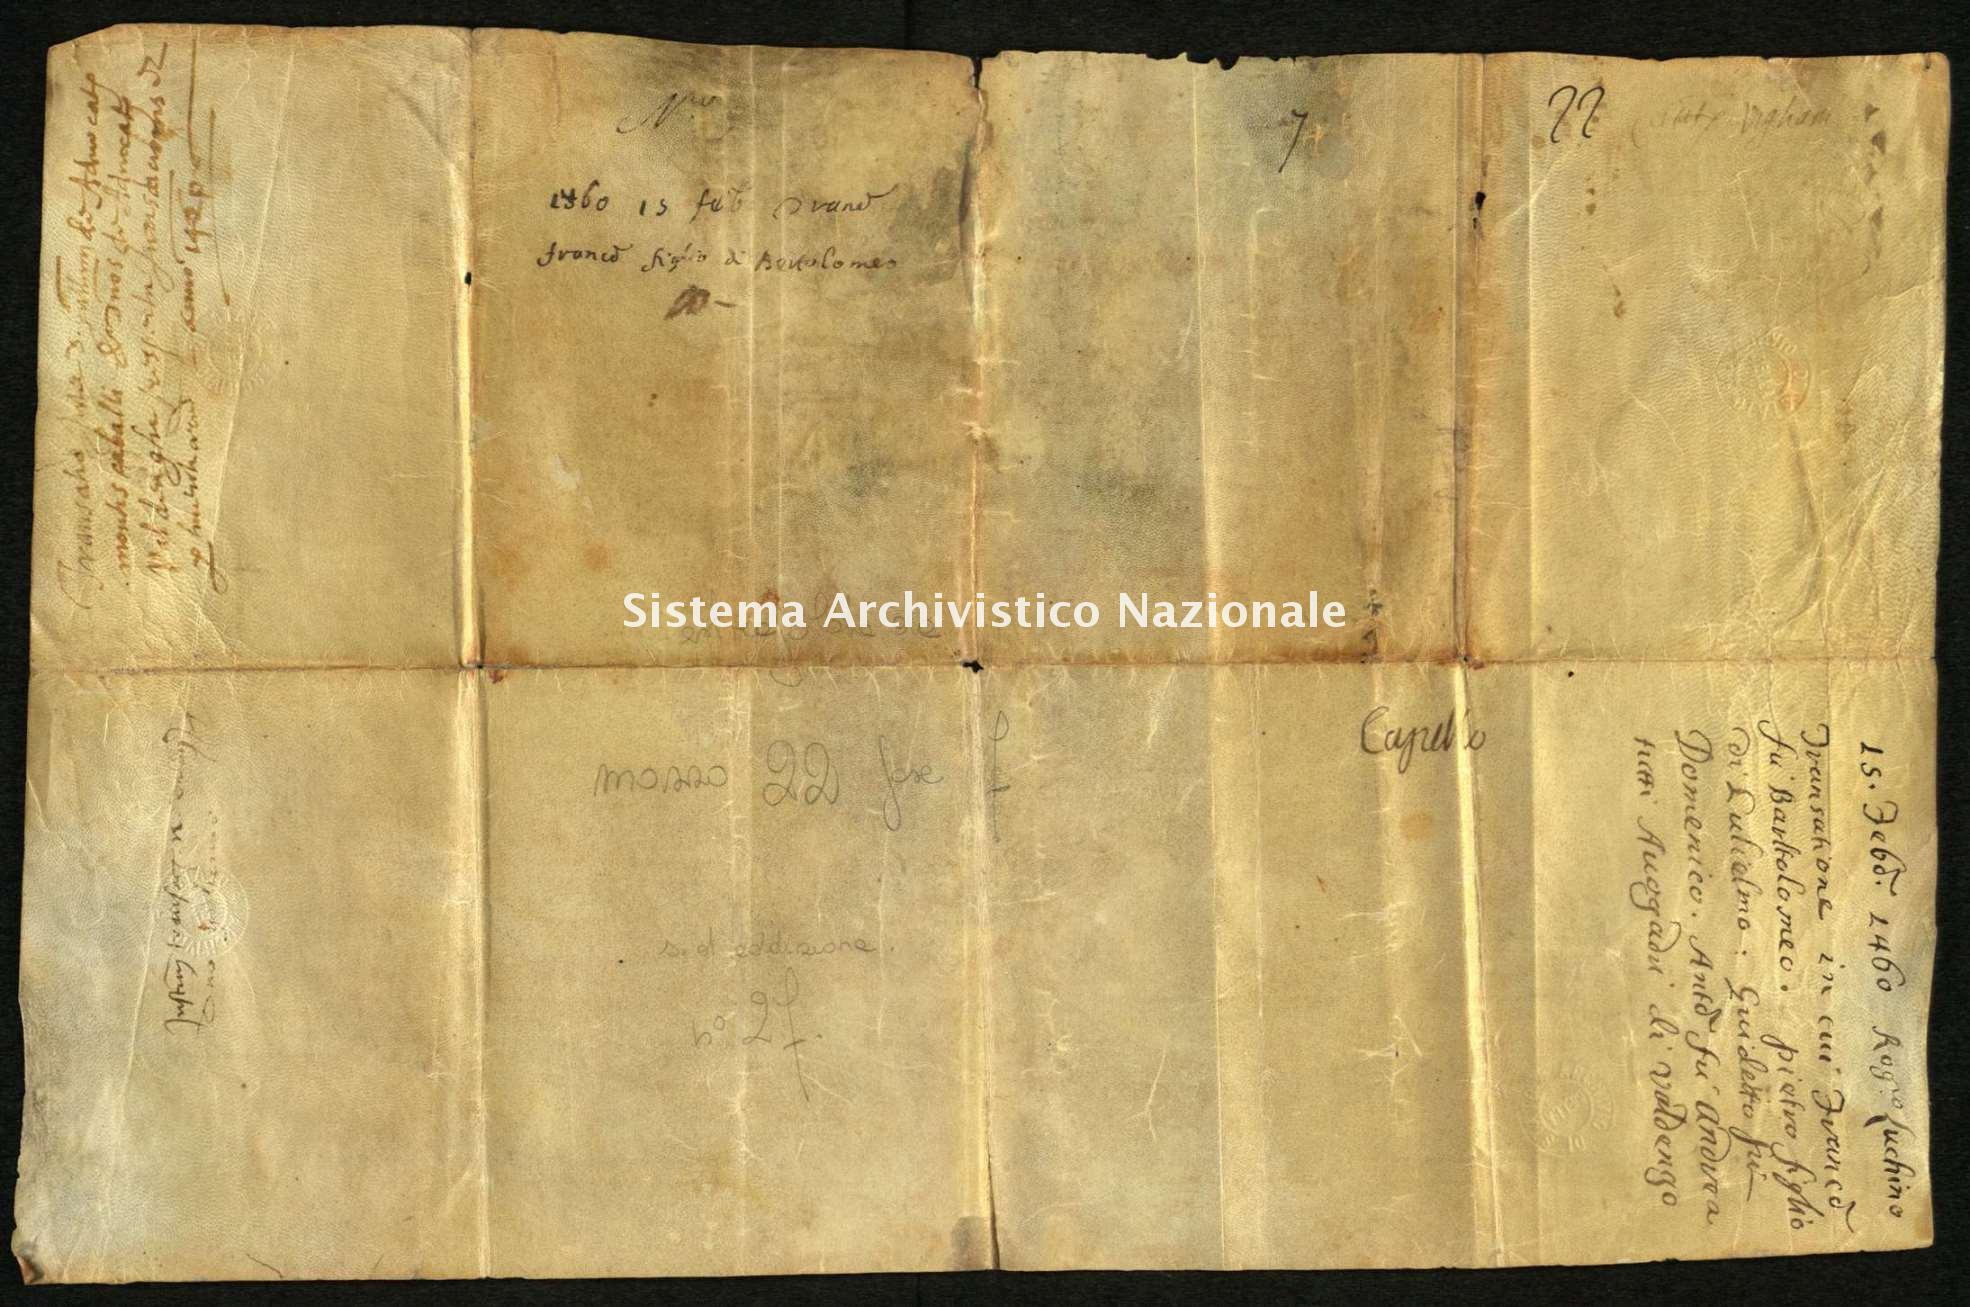 Archivio di Stato di Biella, Avogadro di Valdengo, Pergamene, Pergamene III, Valdengo 15 febbraio 1460